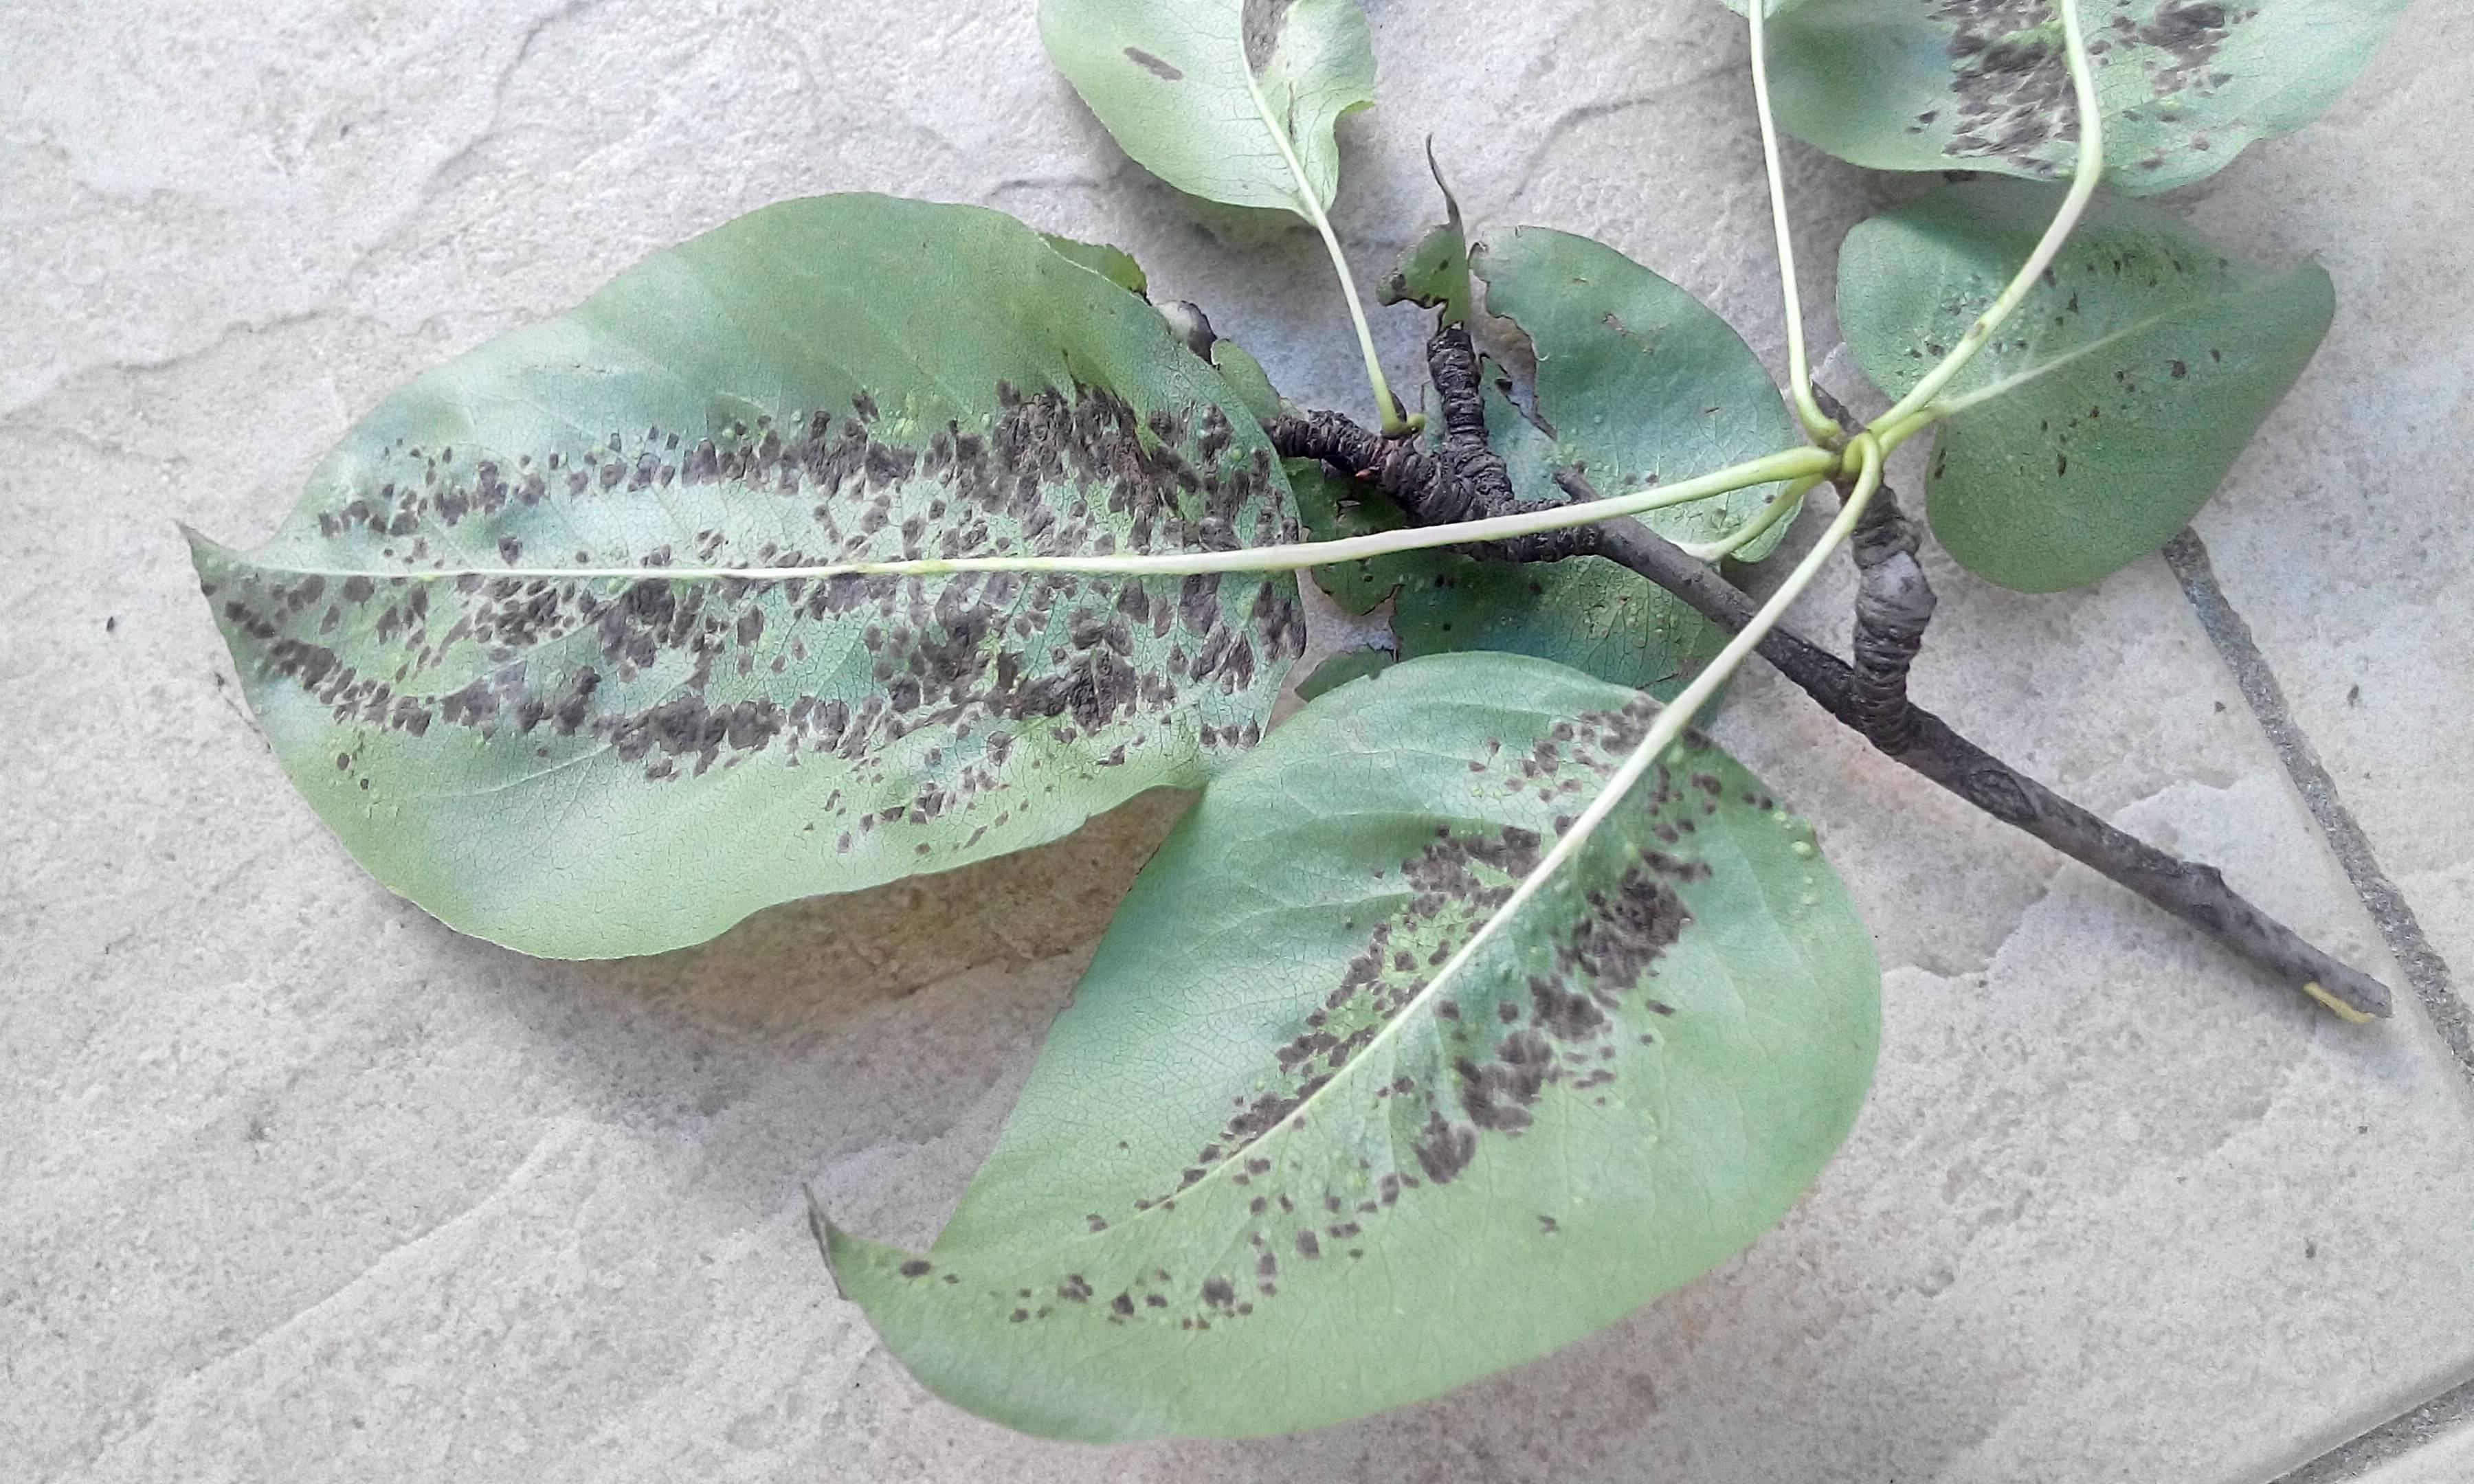 Причины появления галлового на груше клеща и меры борьбы химическими и народными средствами